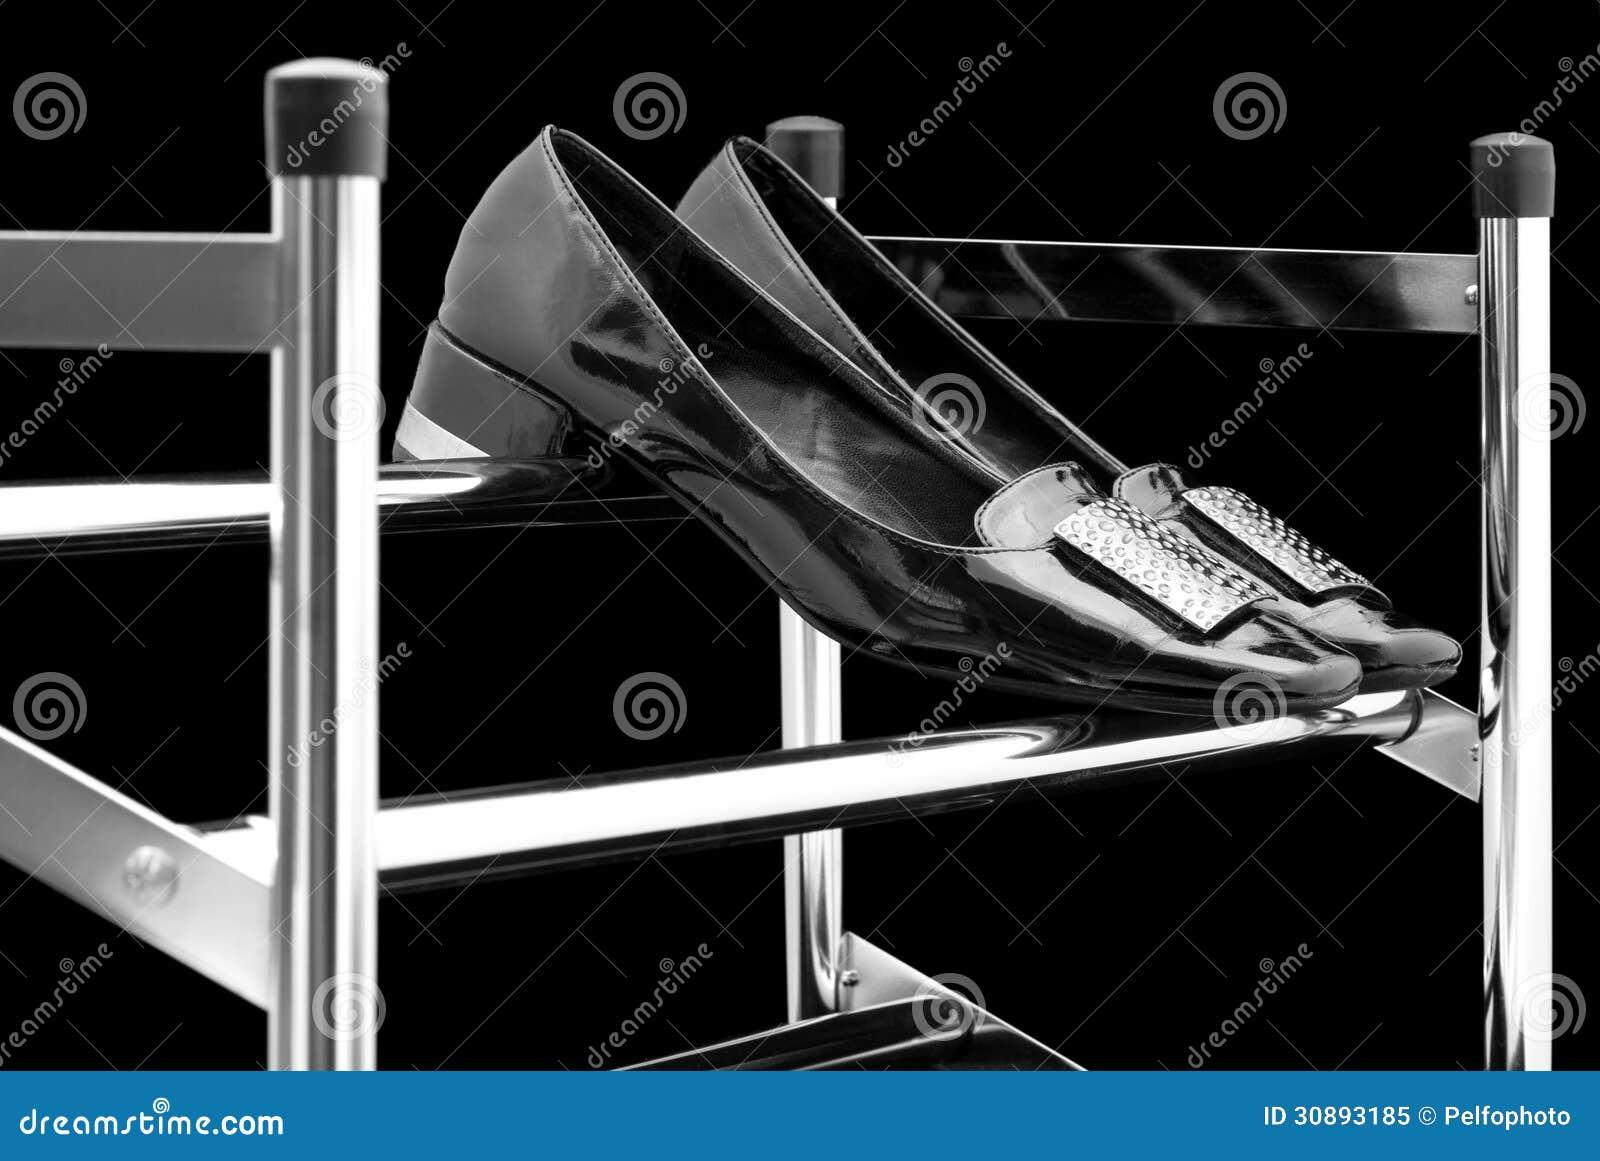 Le scarpe delle donne su un portascarpe.